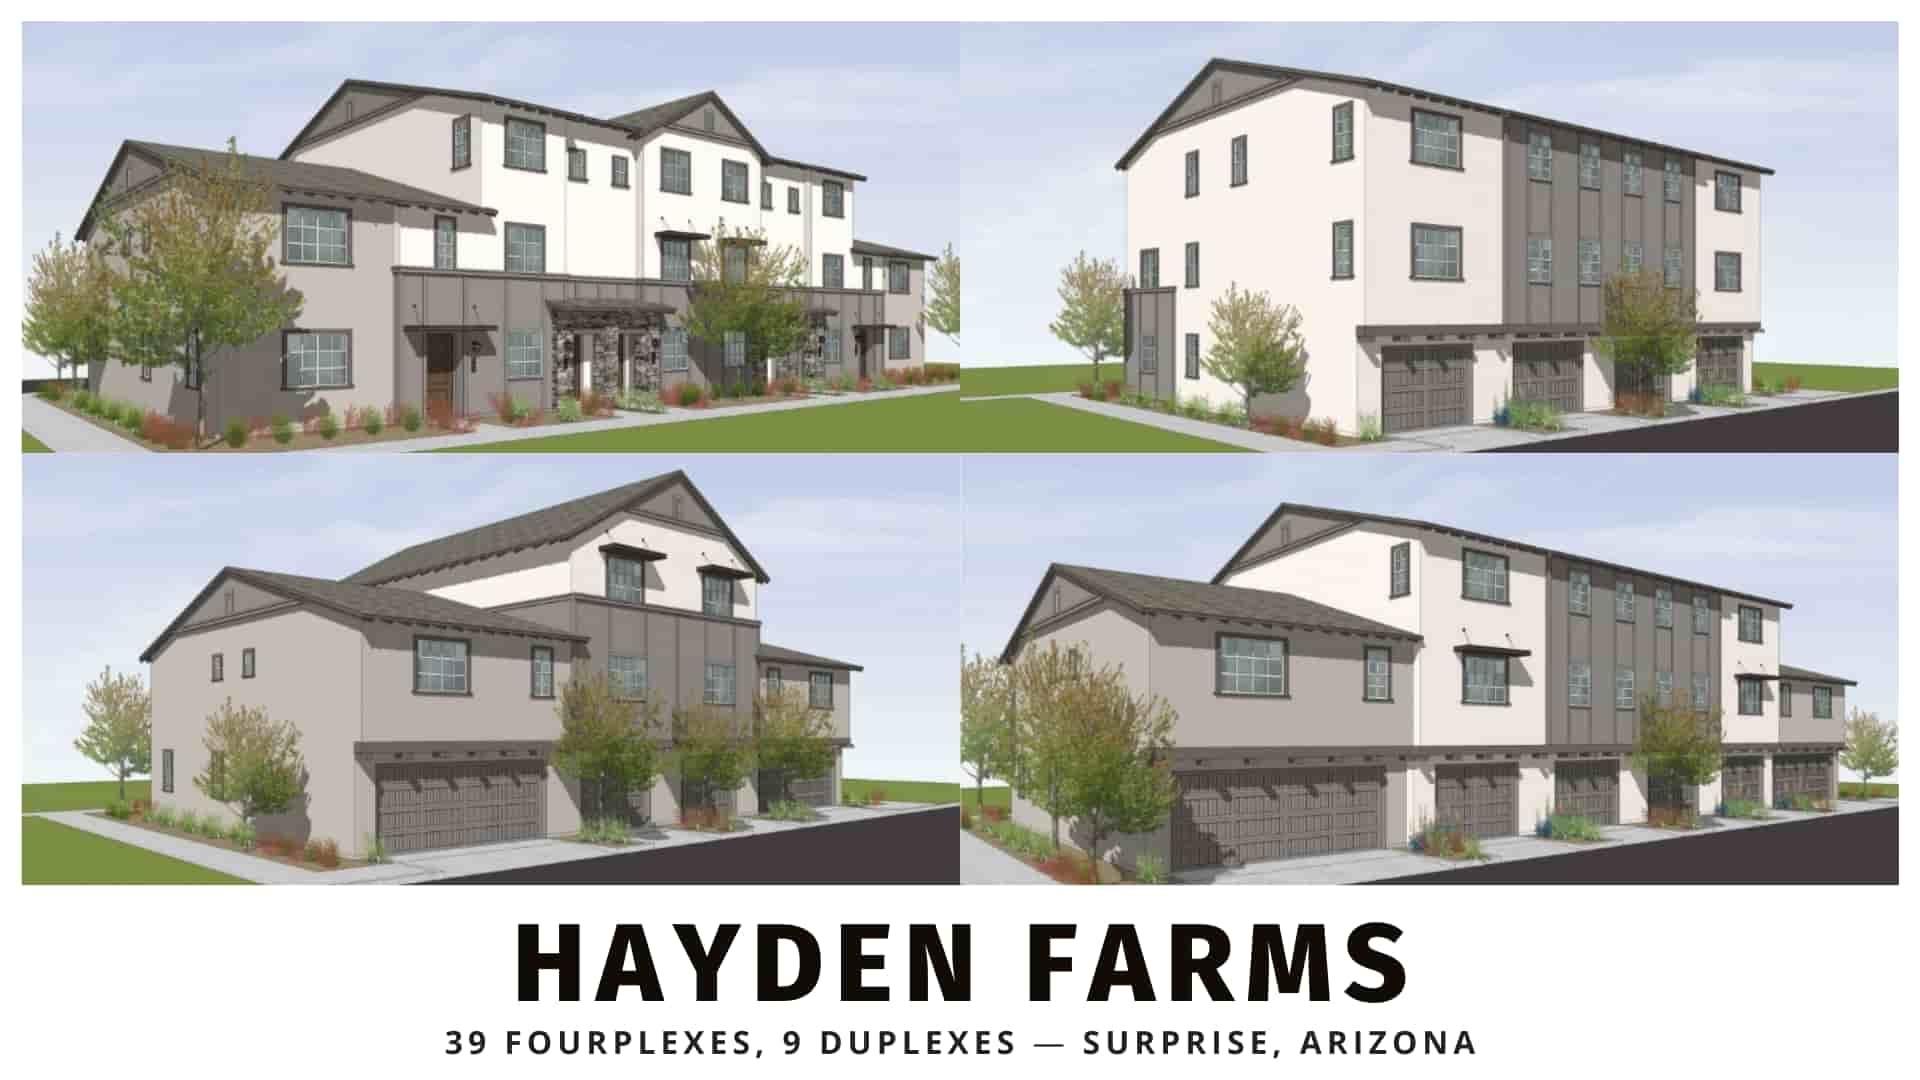 Hayden Farms Duplexes and Fourplexes in Phoenix Metro